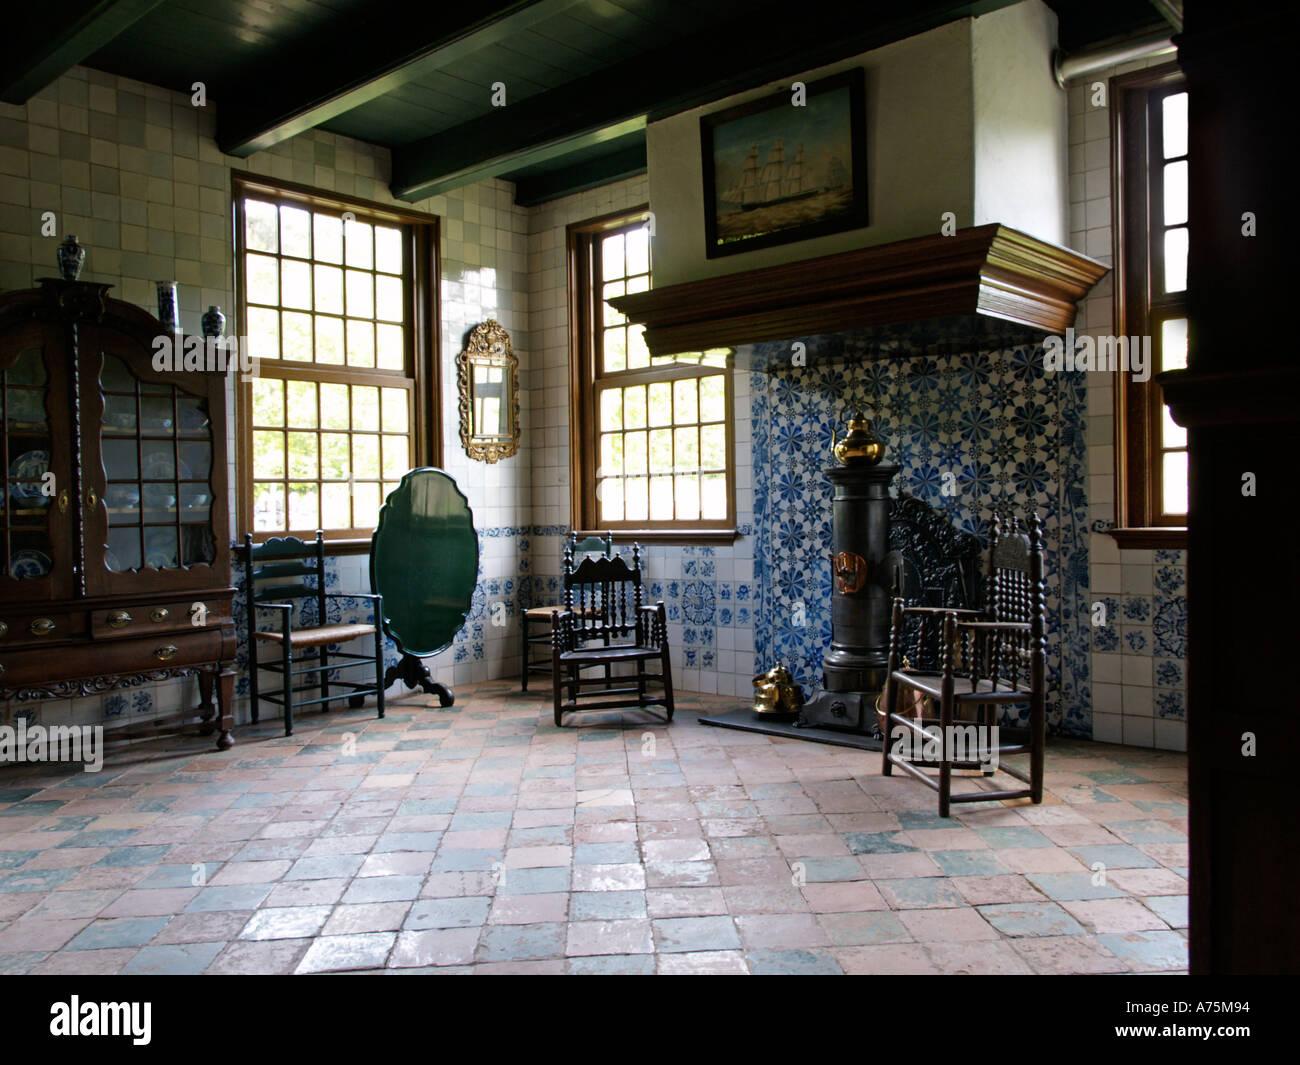 Historische Interieur eines niederländischen Bauernhauses ...